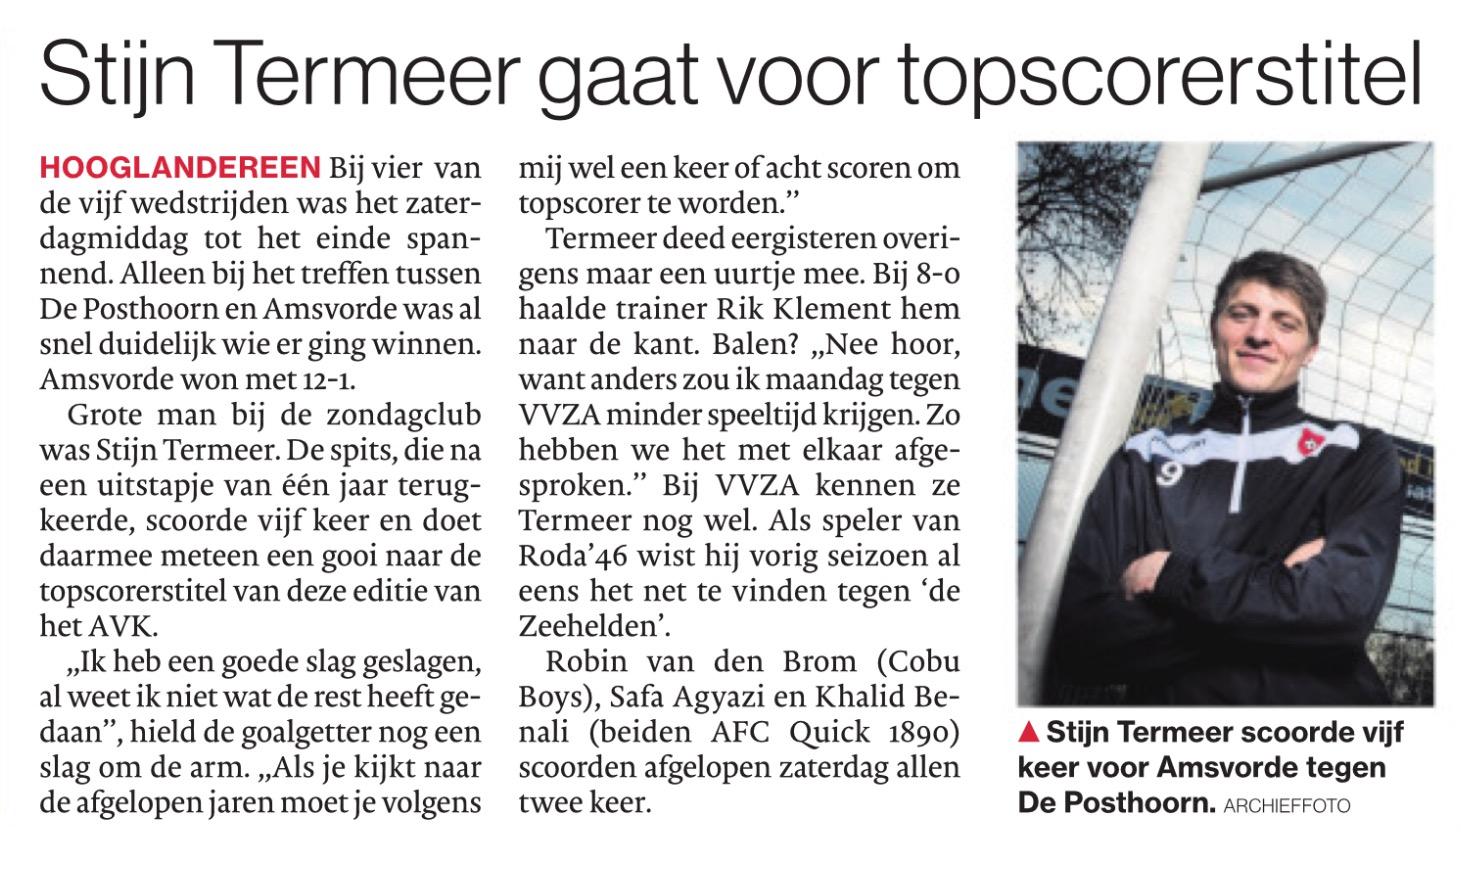 AD_21-08_Stijn Termeer gaat voor topscorerstitel_artikel (1)